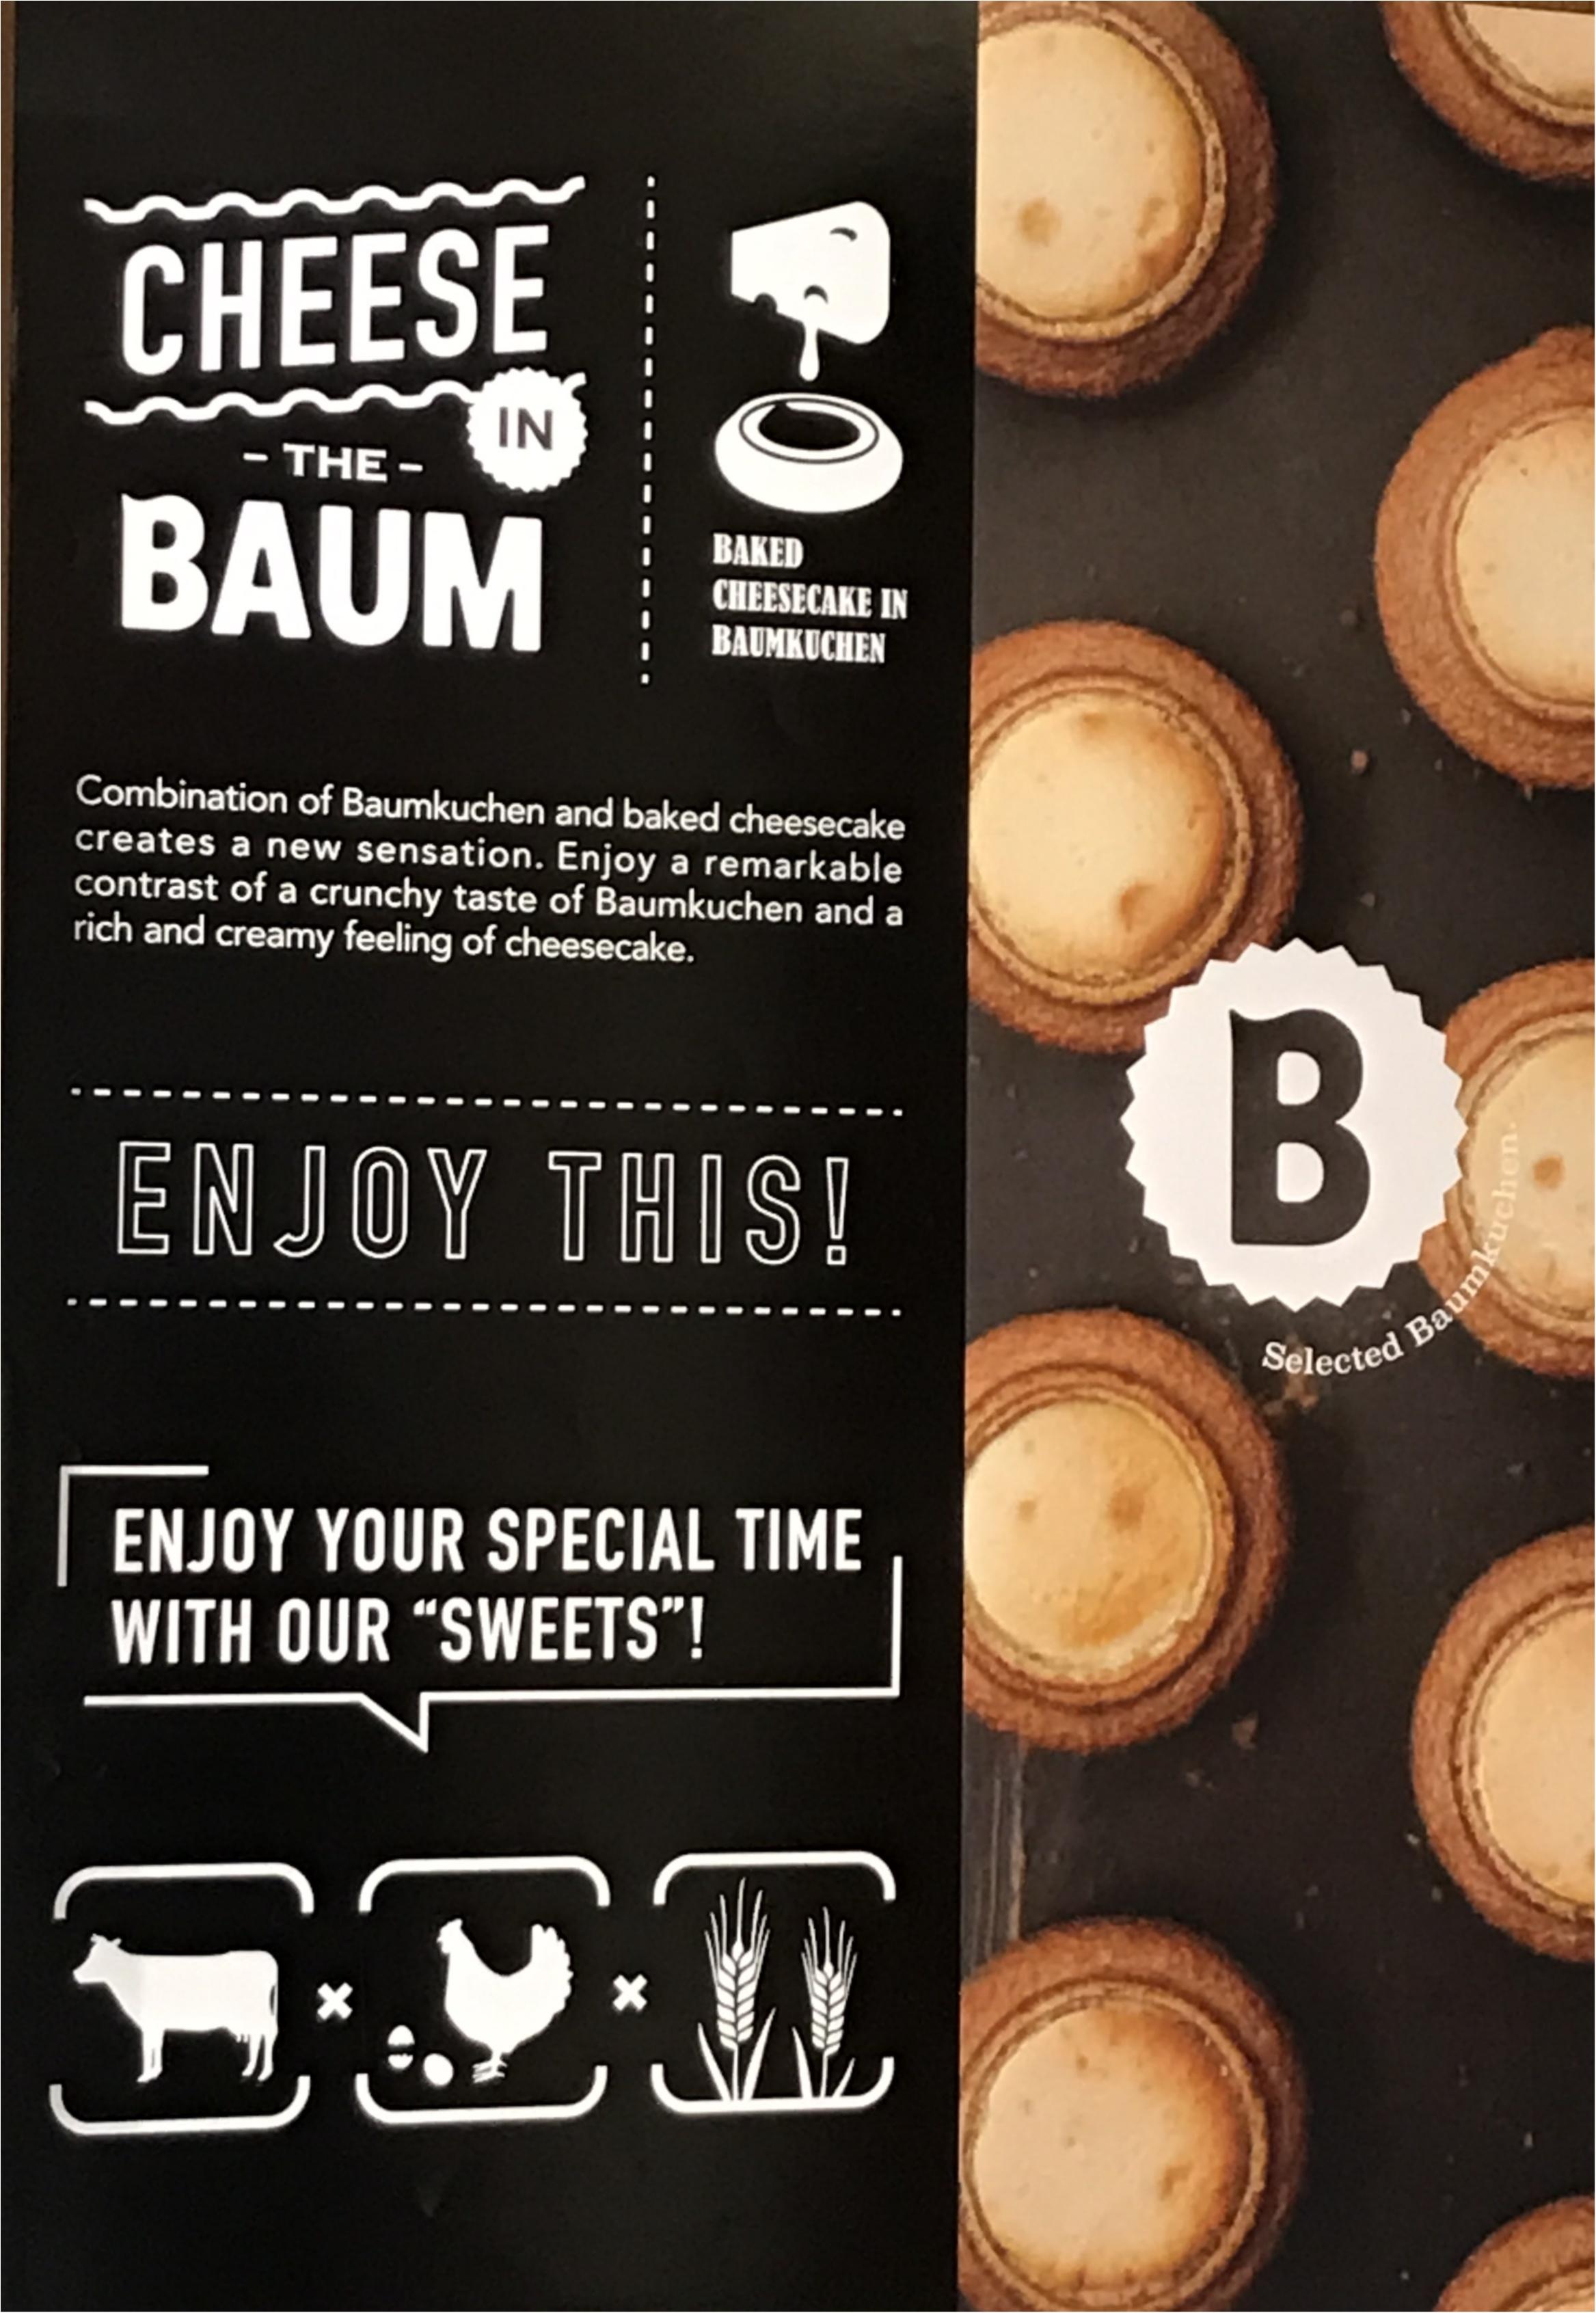 楽しみ方は3通り♪新感覚ハイブリッドスイーツ【THE BAUM】の《チーズ イン ザ バウム》が美味い♡_2